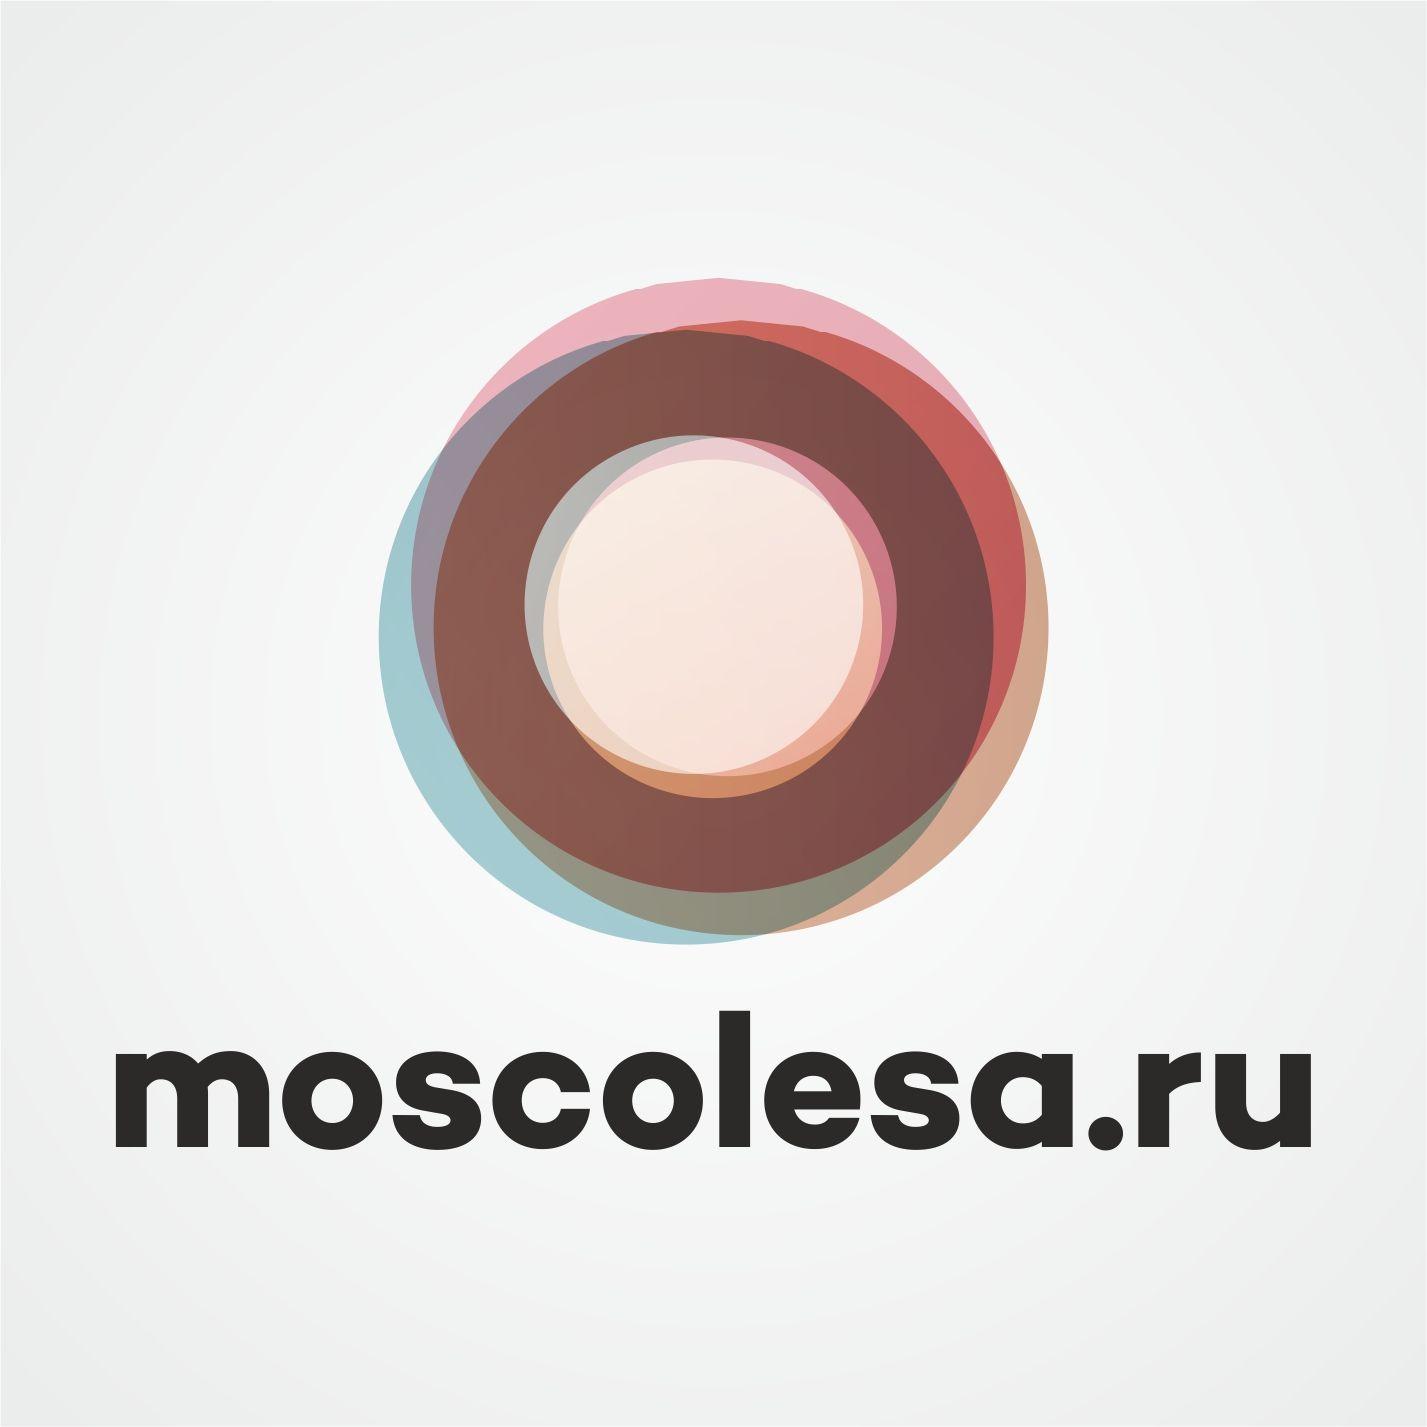 Лого и фир.стиль для ИМ шин и дисков. - дизайнер NickLight